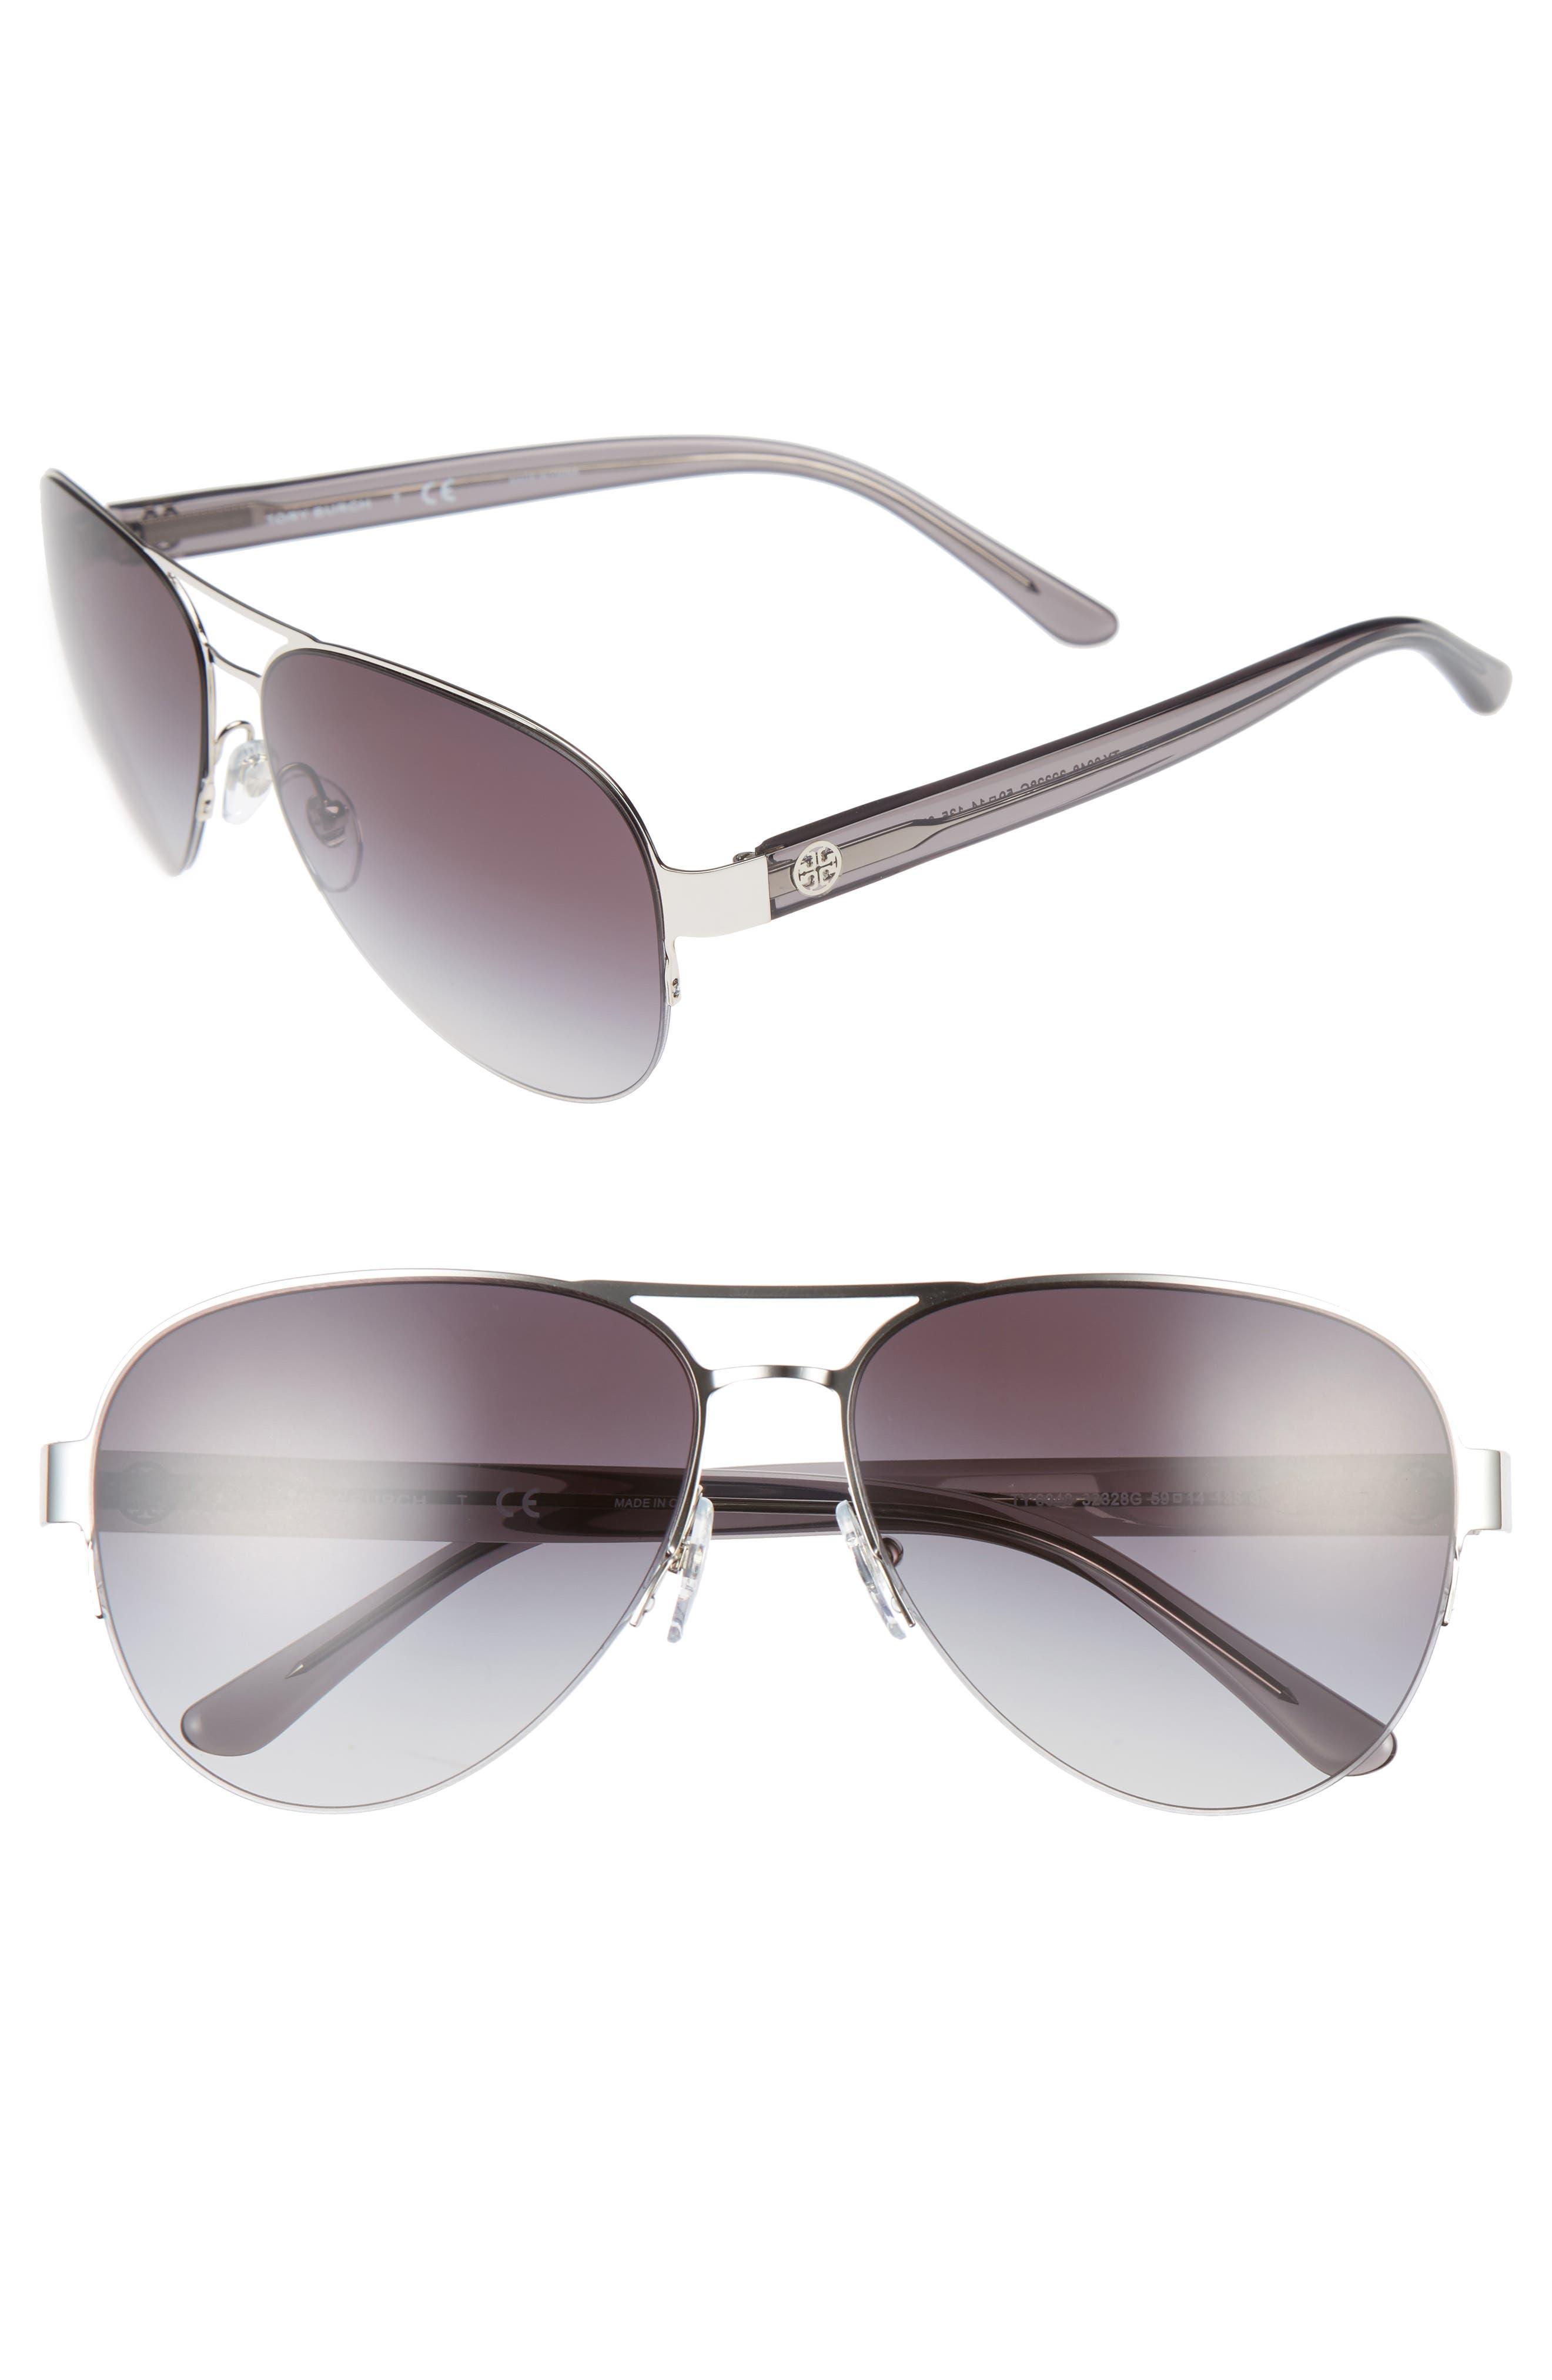 Main Image - Tory Burch 59mm Aviator Sunglasses